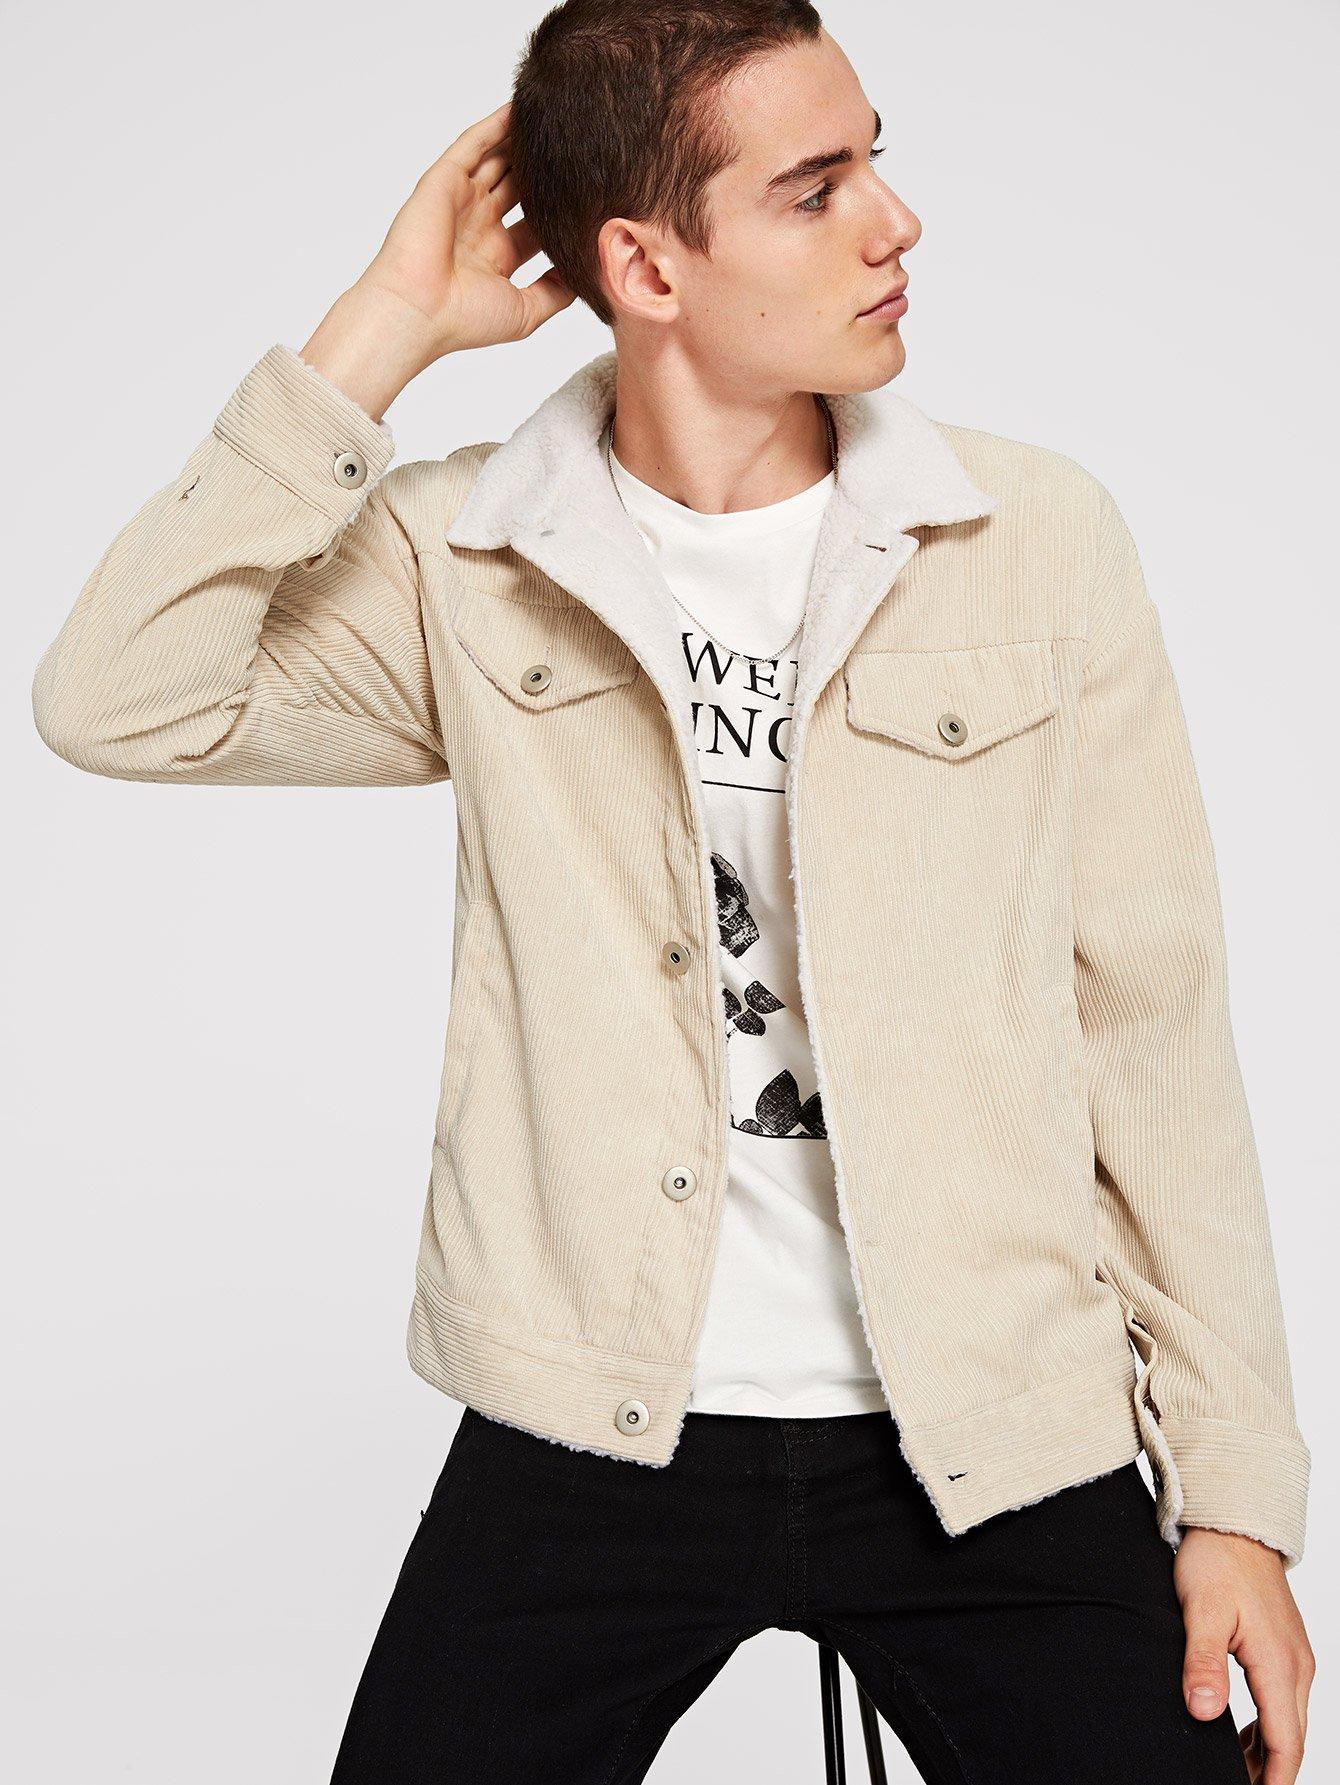 Купить Мужская короткая вельветовая куртка на пуговицах, Misha, SheIn